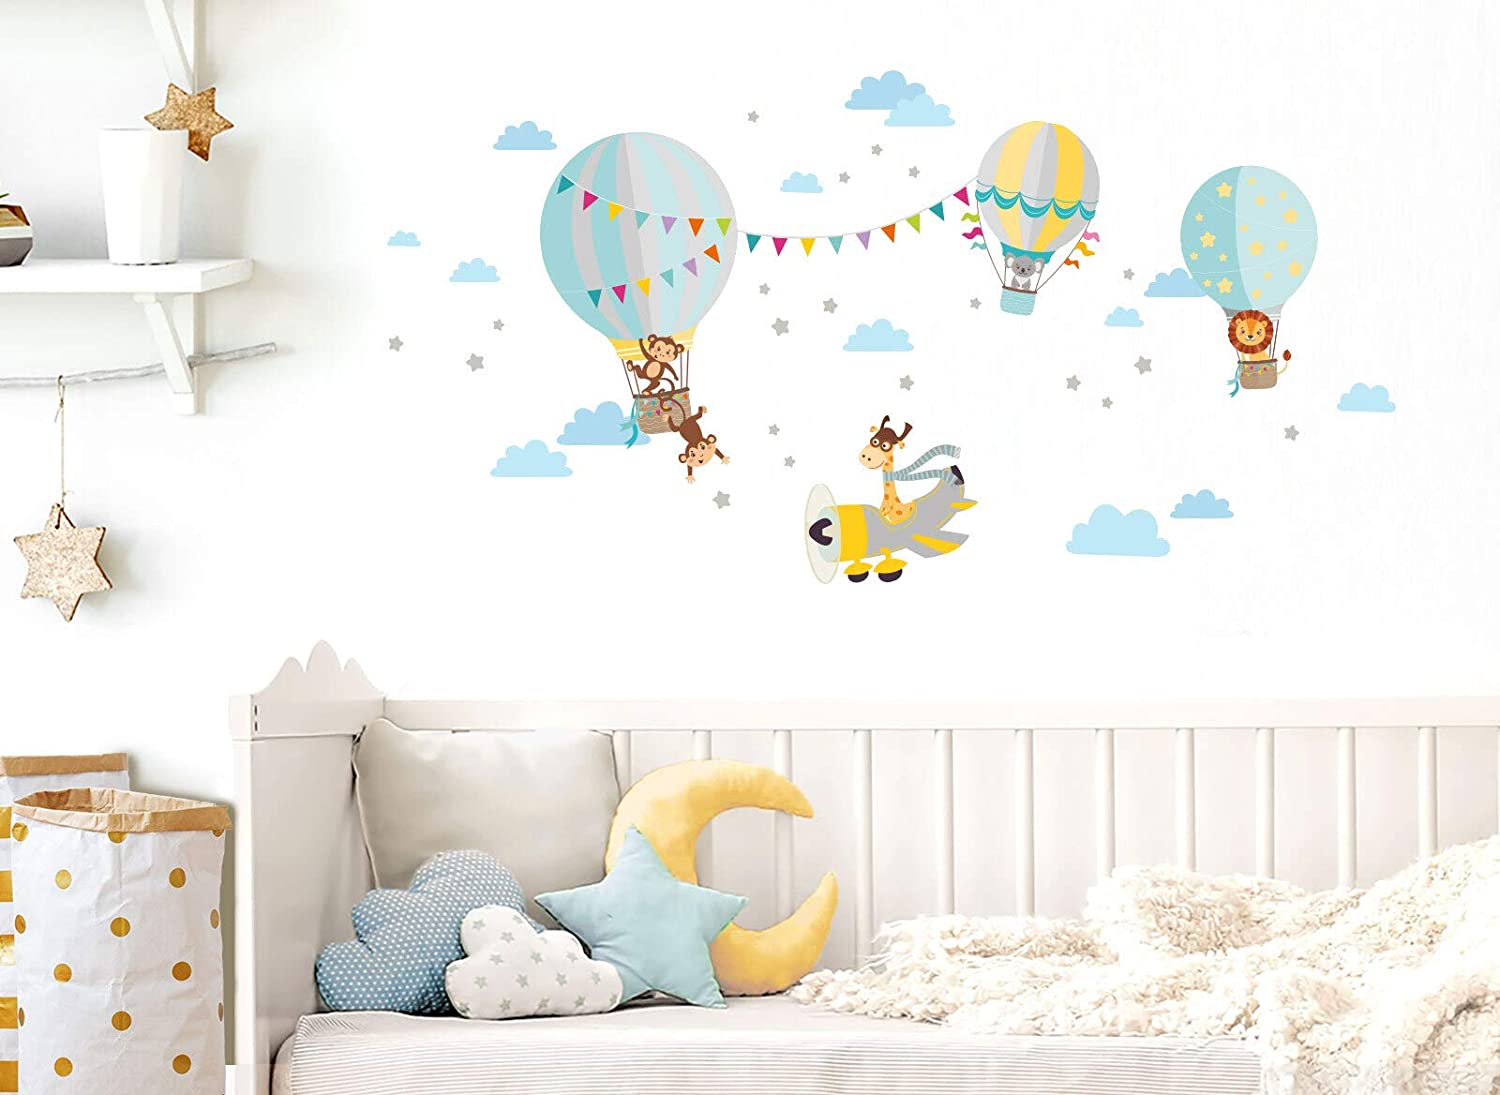 Wandaro Little Deco DL339 Sticker Mural Motif Animaux dans Le Ballon Chaud et Girafe dans lavion I Fille Gar/çons et Enfants